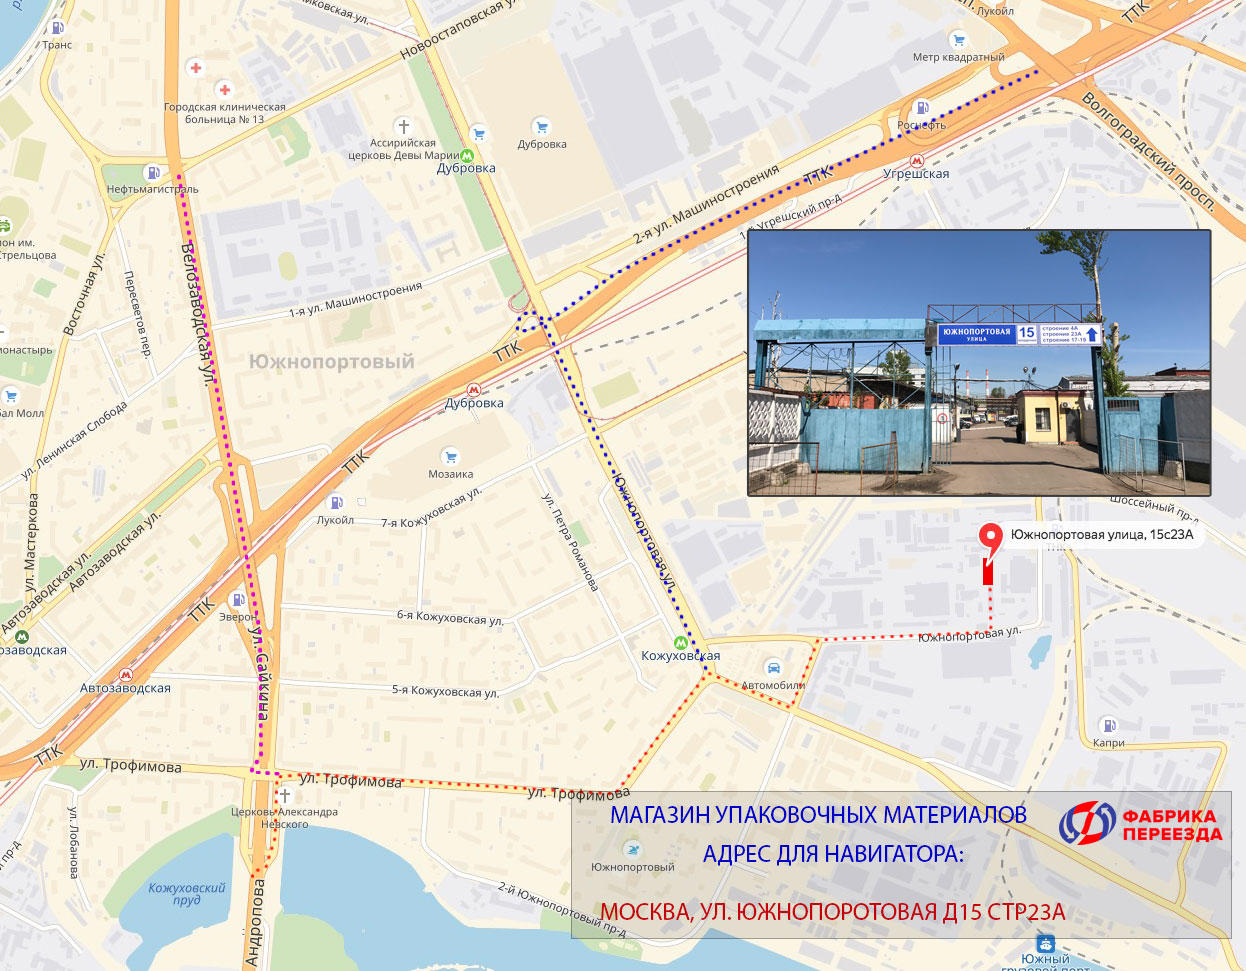 Схема проезда и прохода к магазину упаковки на Кожуховской